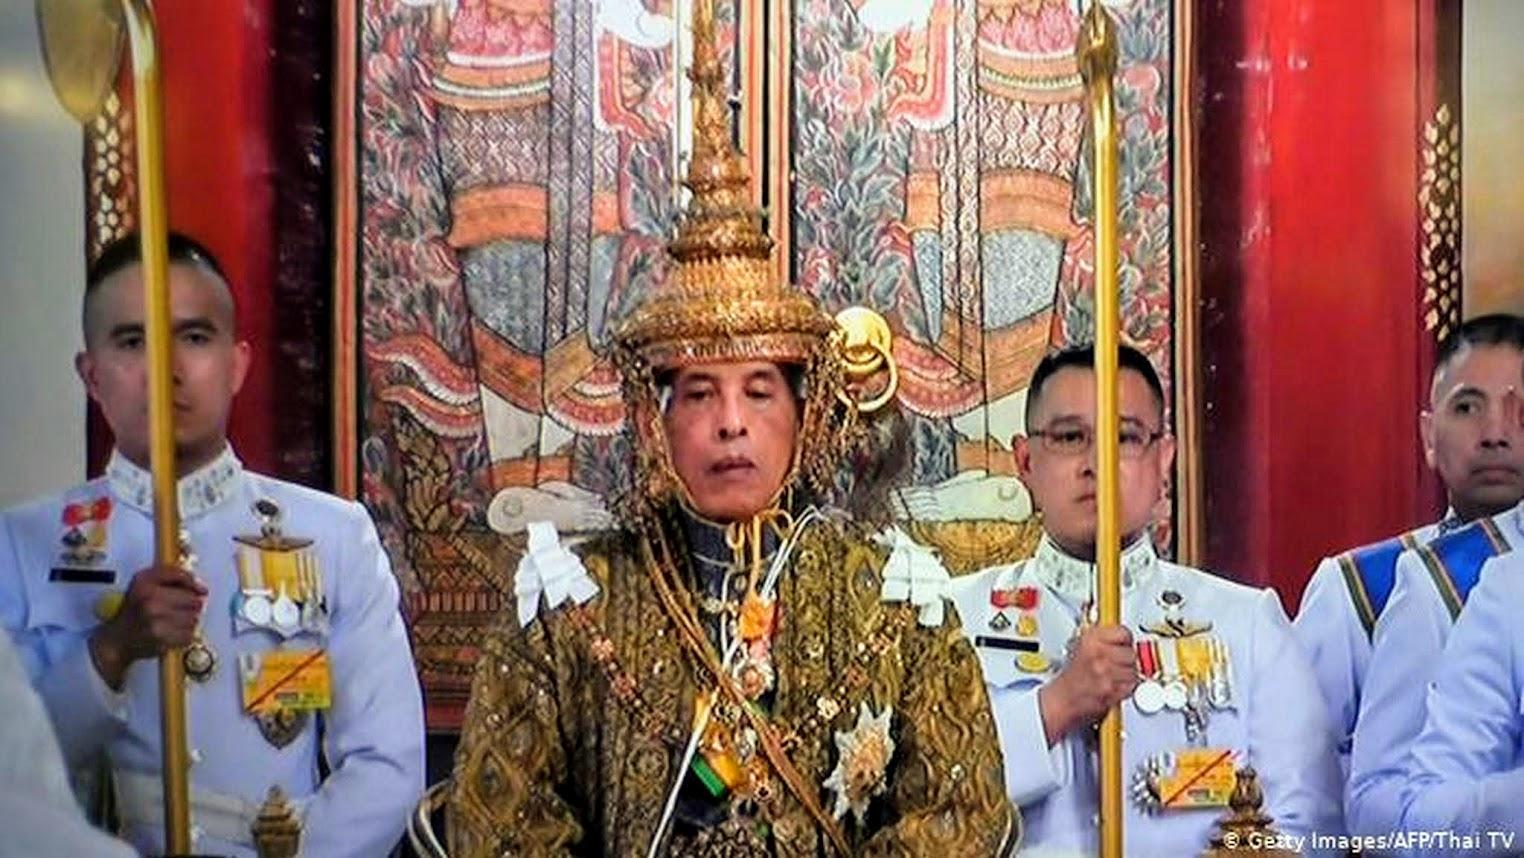 thai kings de 45cat - 1024×682